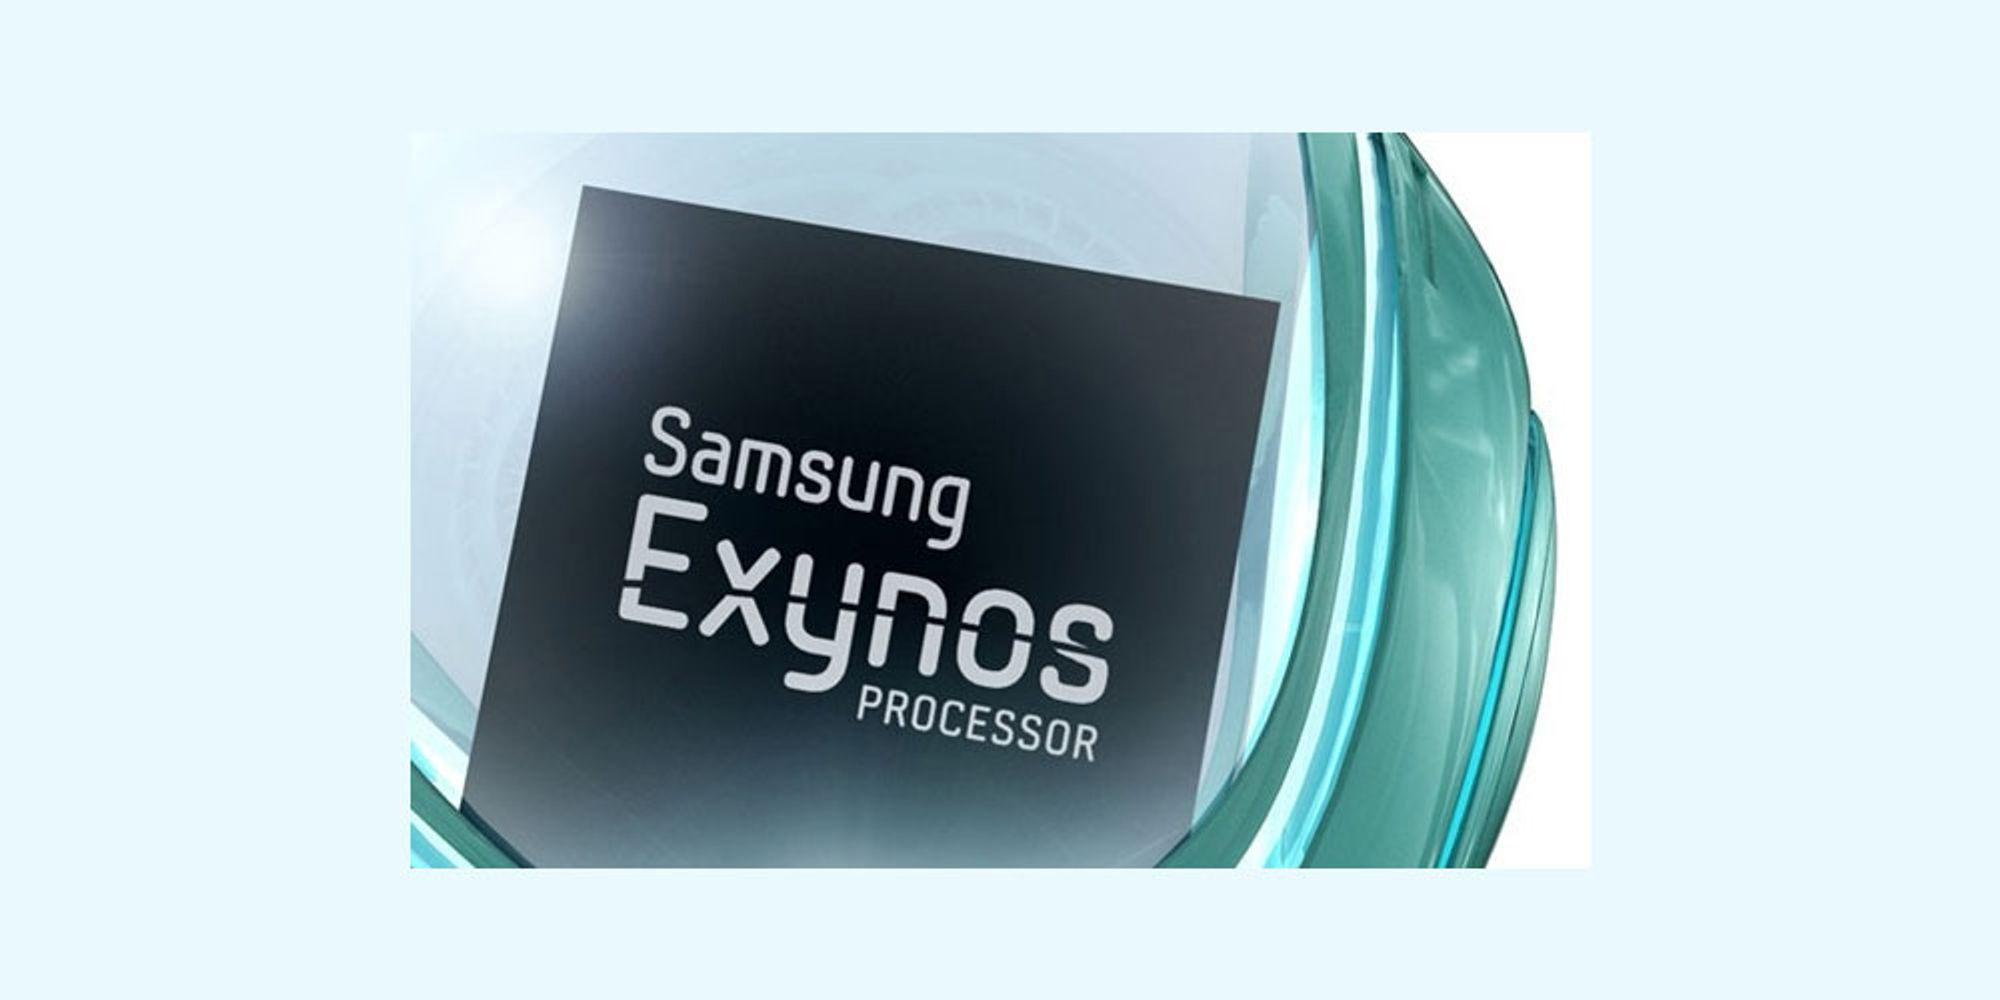 Galaxy S4 Mini kan få Exynos